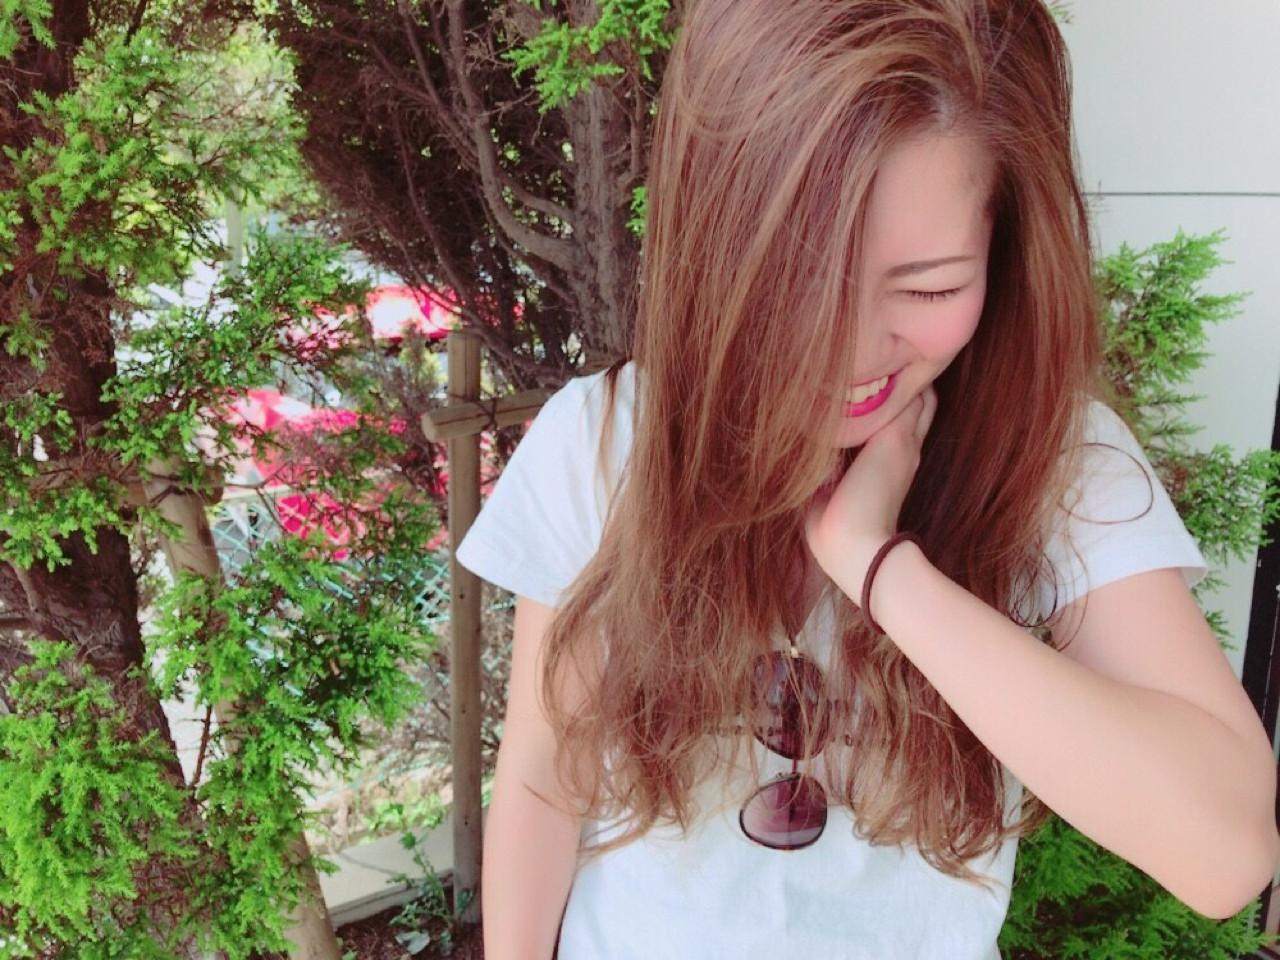 ロング ナチュラル カール ゆるふわ ヘアスタイルや髪型の写真・画像 | NASU IZUMI / SHAMPOO BOY 宮崎柳丸店